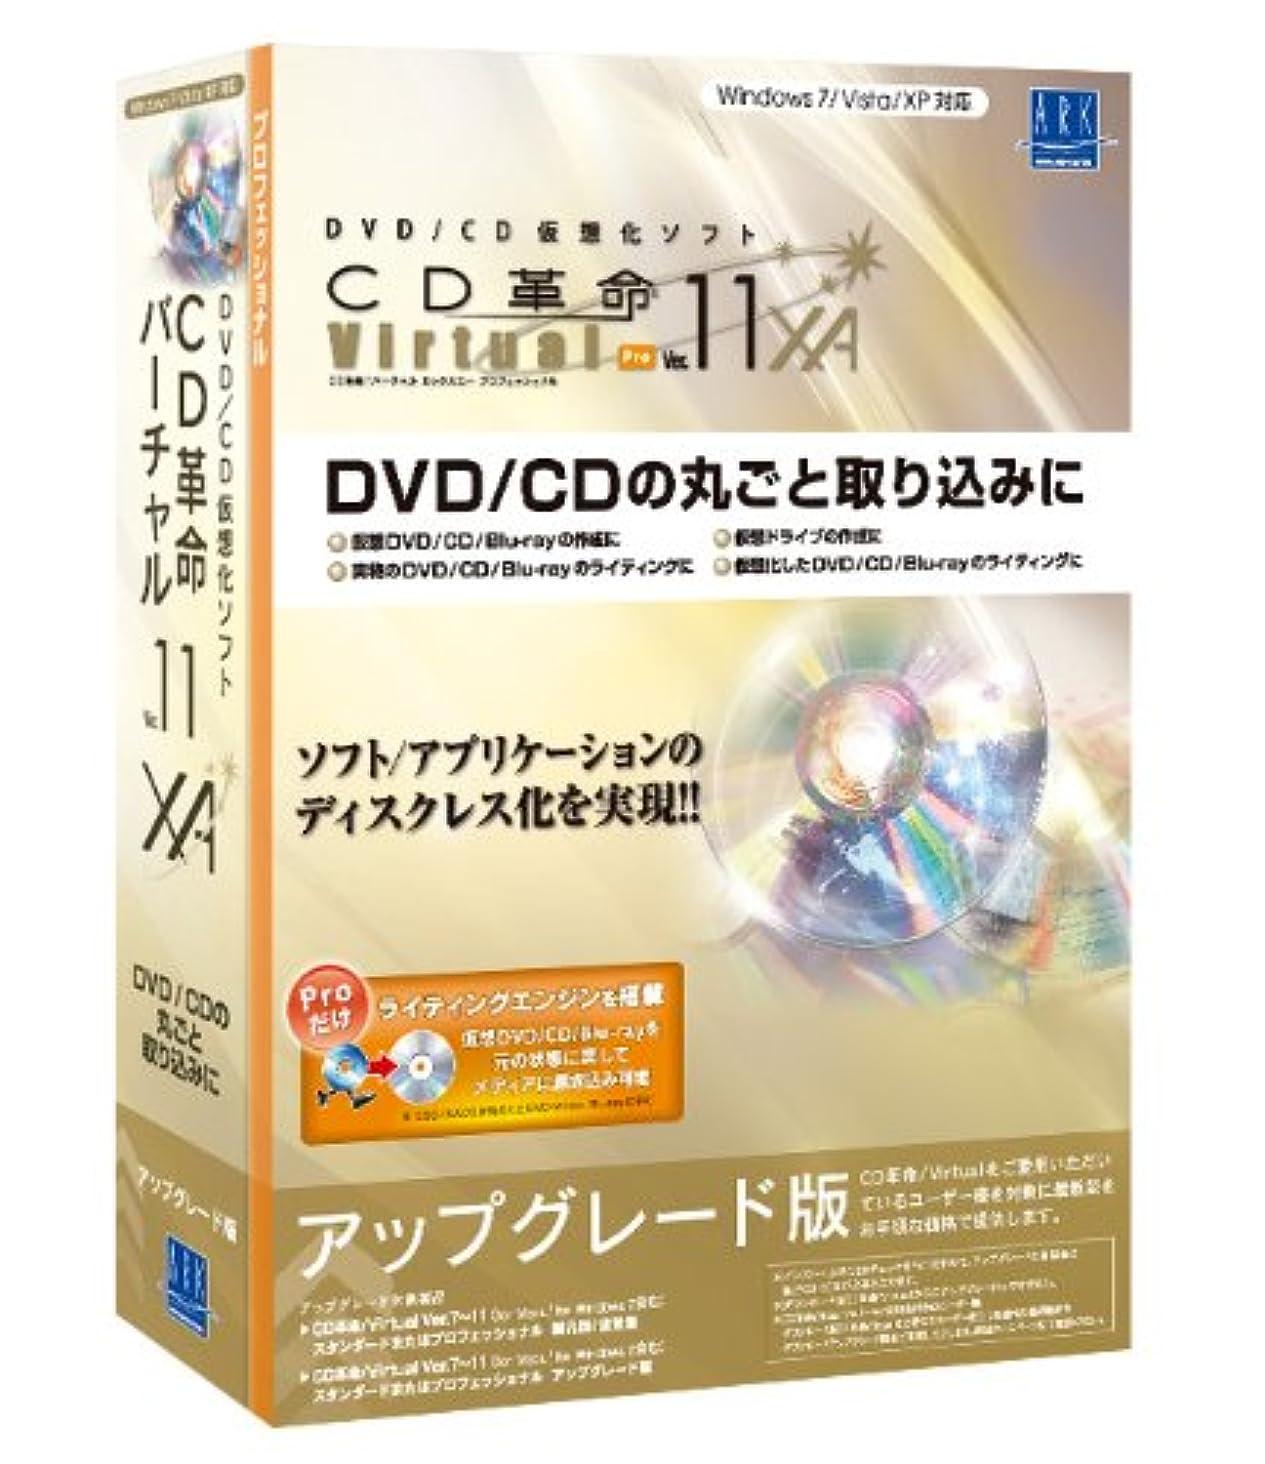 ニッケル第五差別化するCD革命/Virtual Ver.11 XA Pro アップグレード版